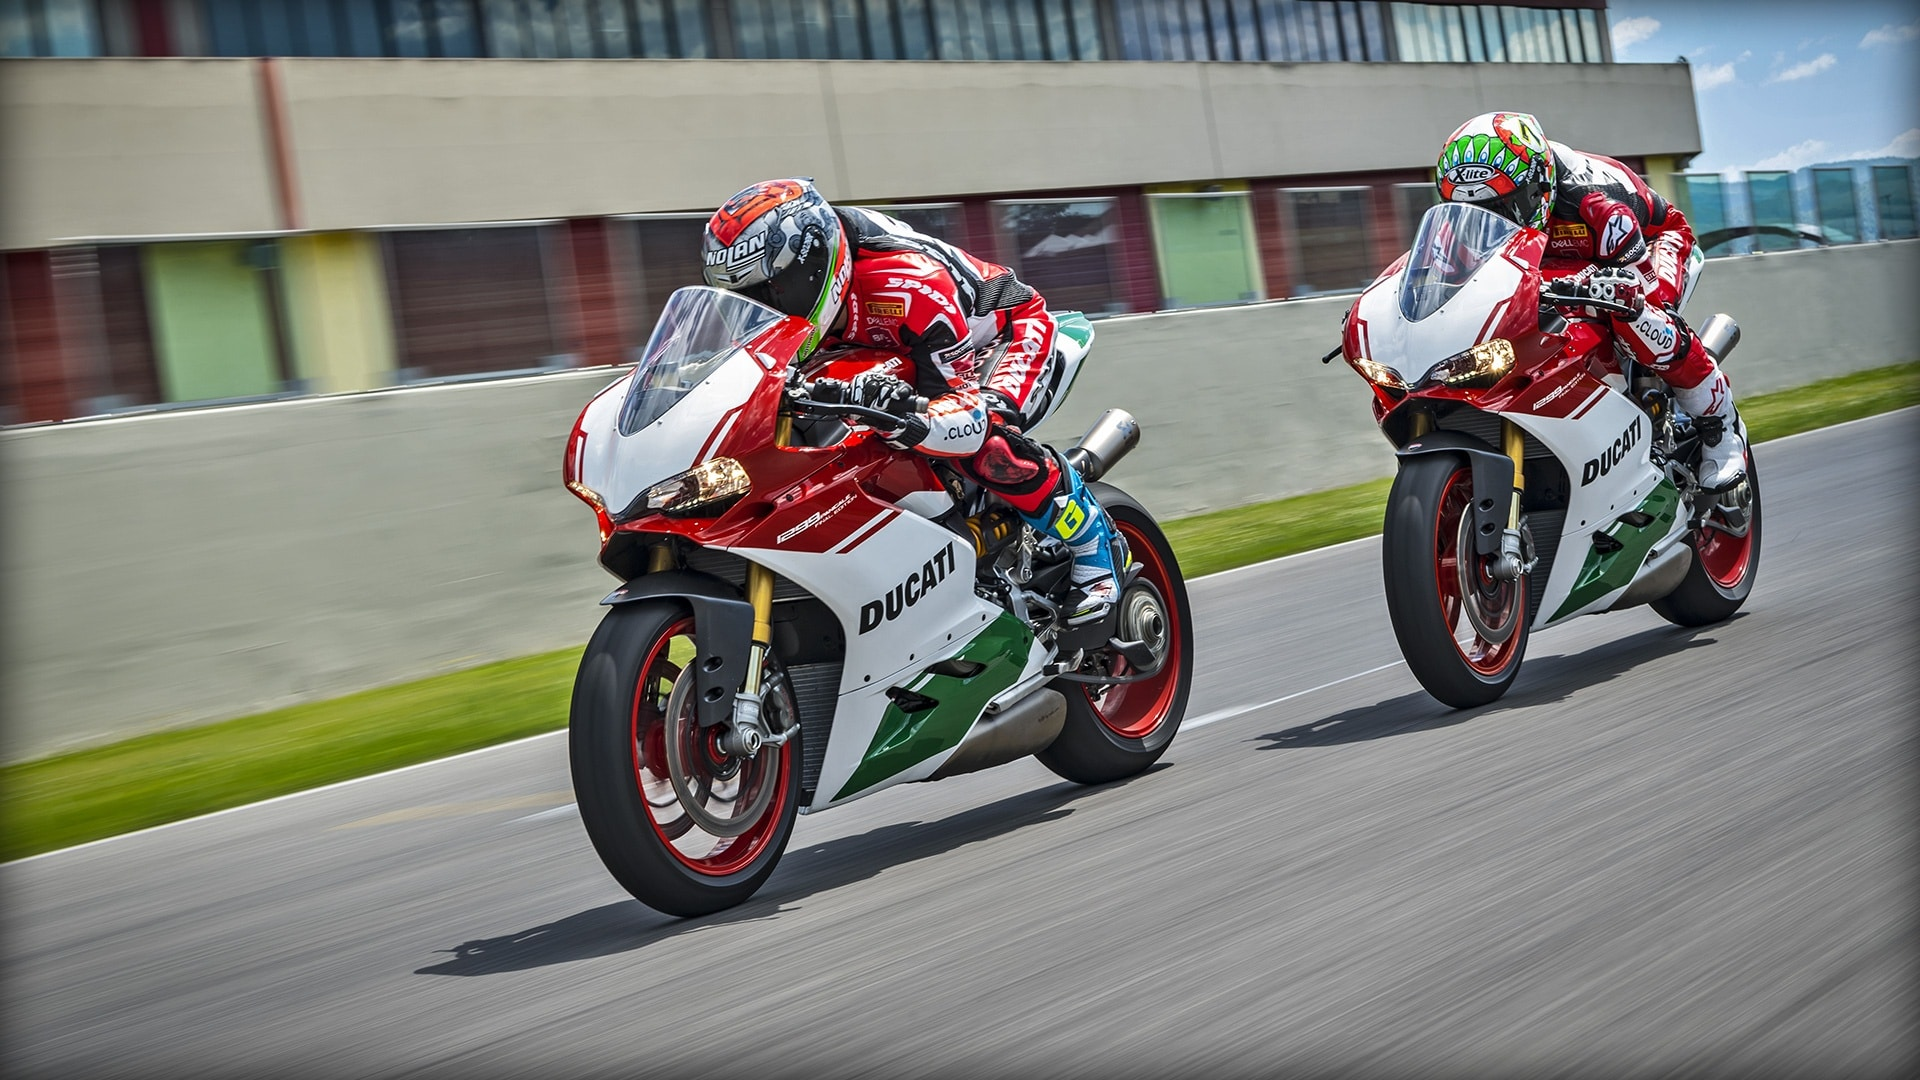 Ducati 1299 PANIGALE R FINAL EDITION: tributo al motor bicilíndrico